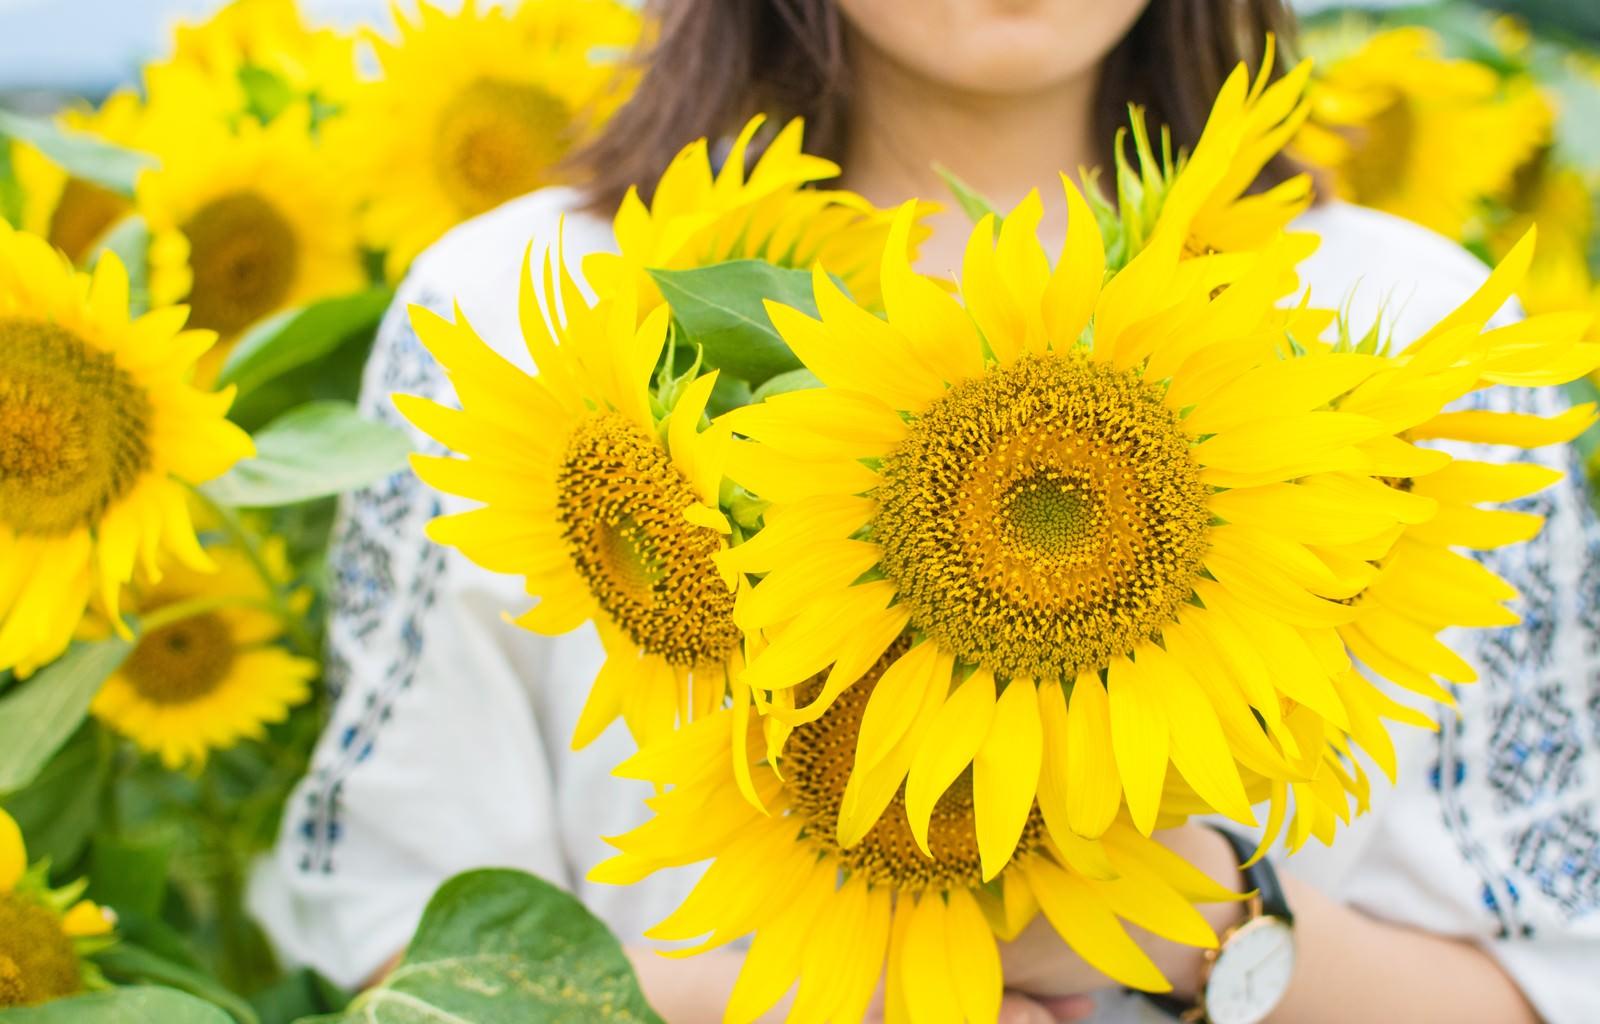 「向日葵に囲まれる女性」の写真